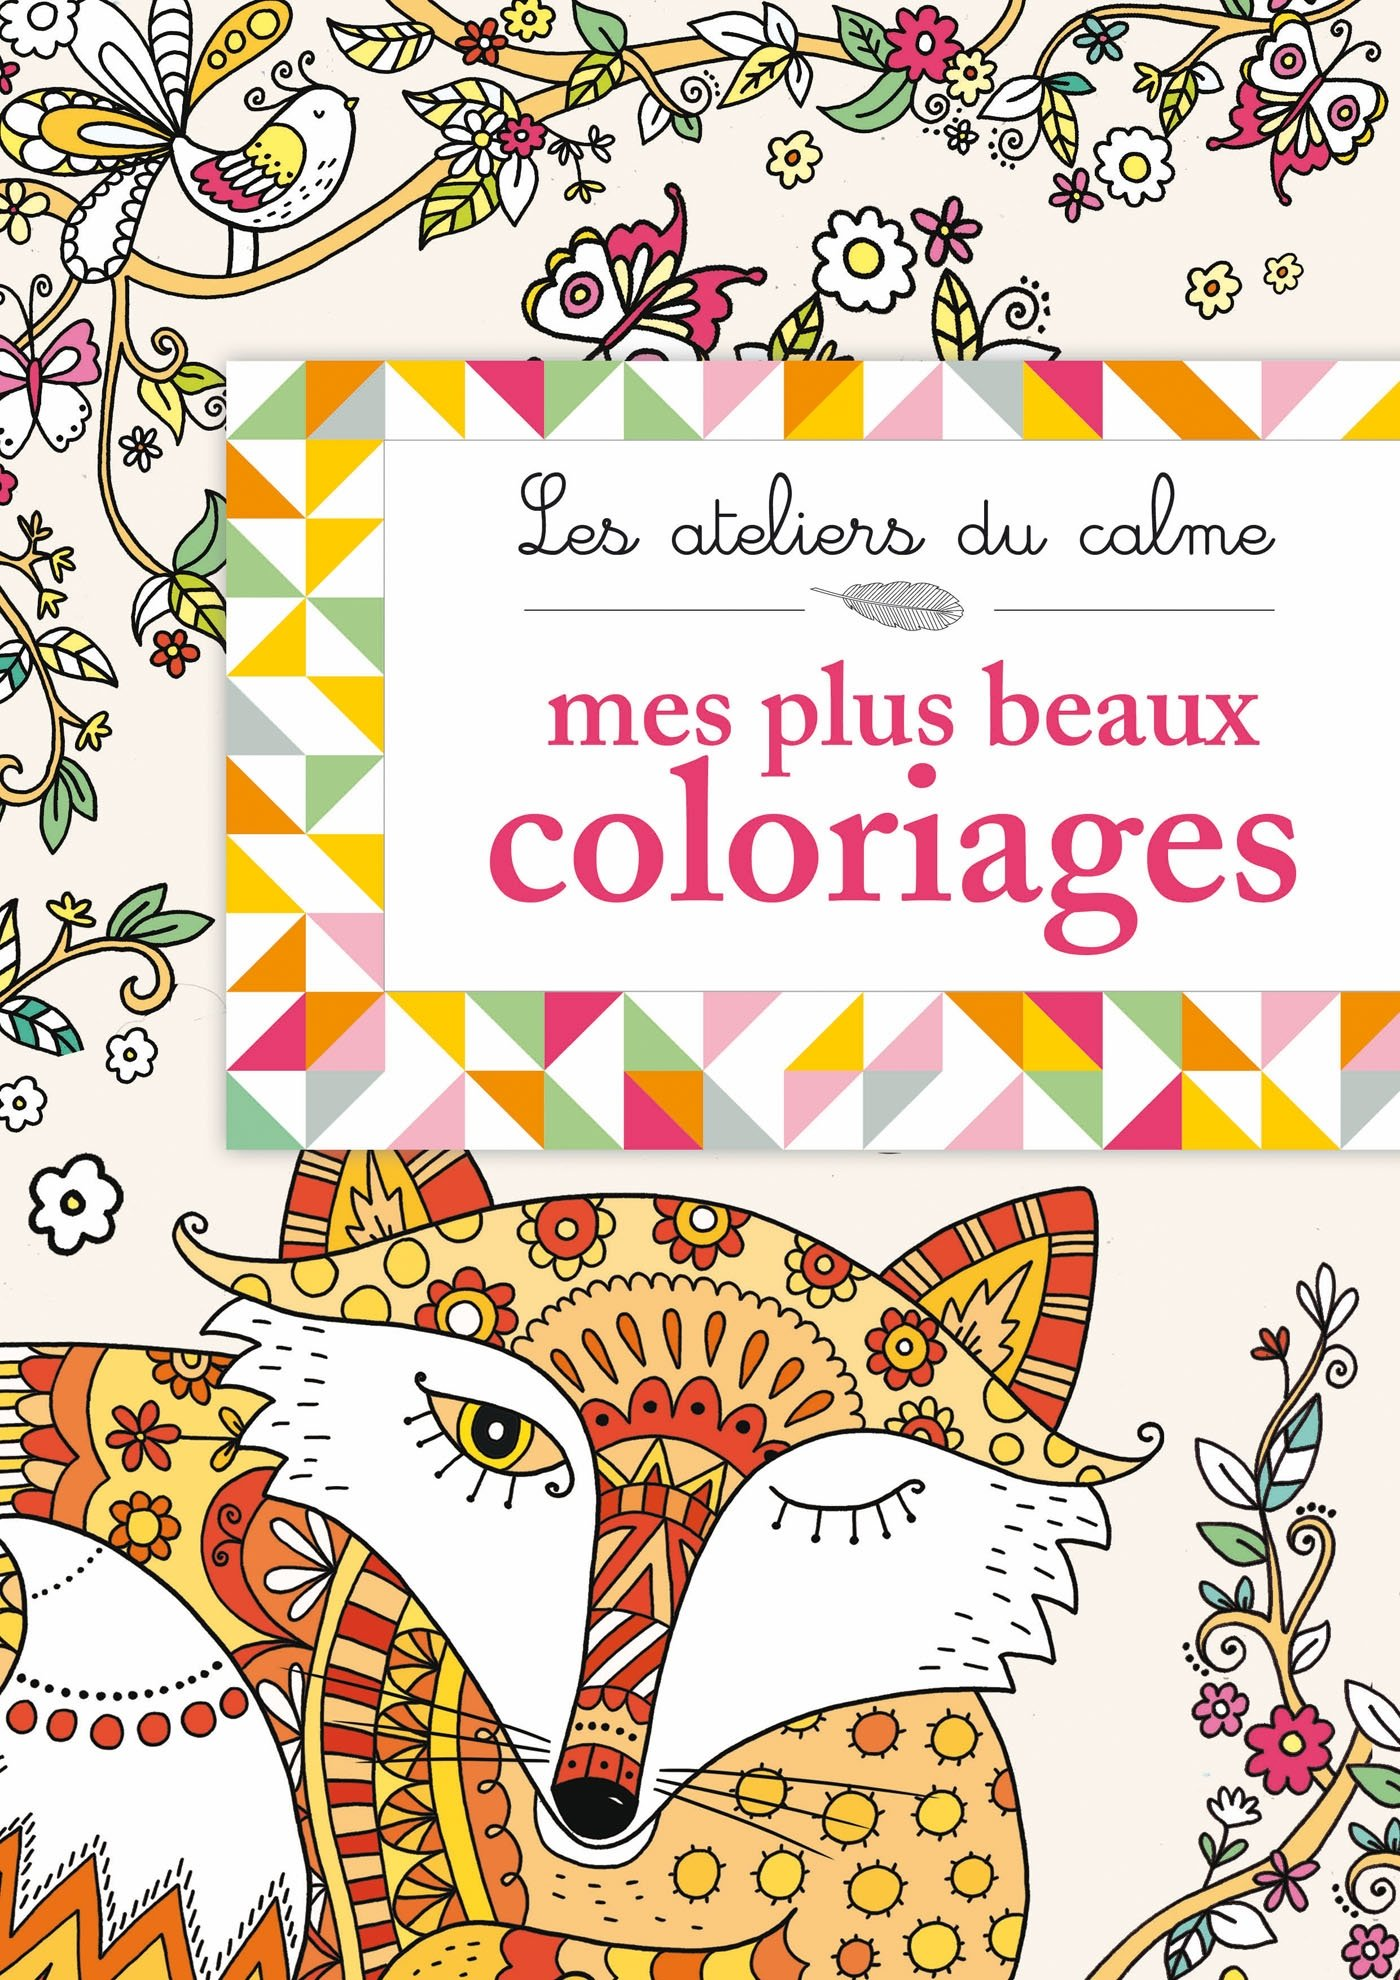 ATELIERS DU CALME - MES PLUS BEAUX COLORIAGES  Amazon.fr  Collectif  Livres 2cb690f9df7